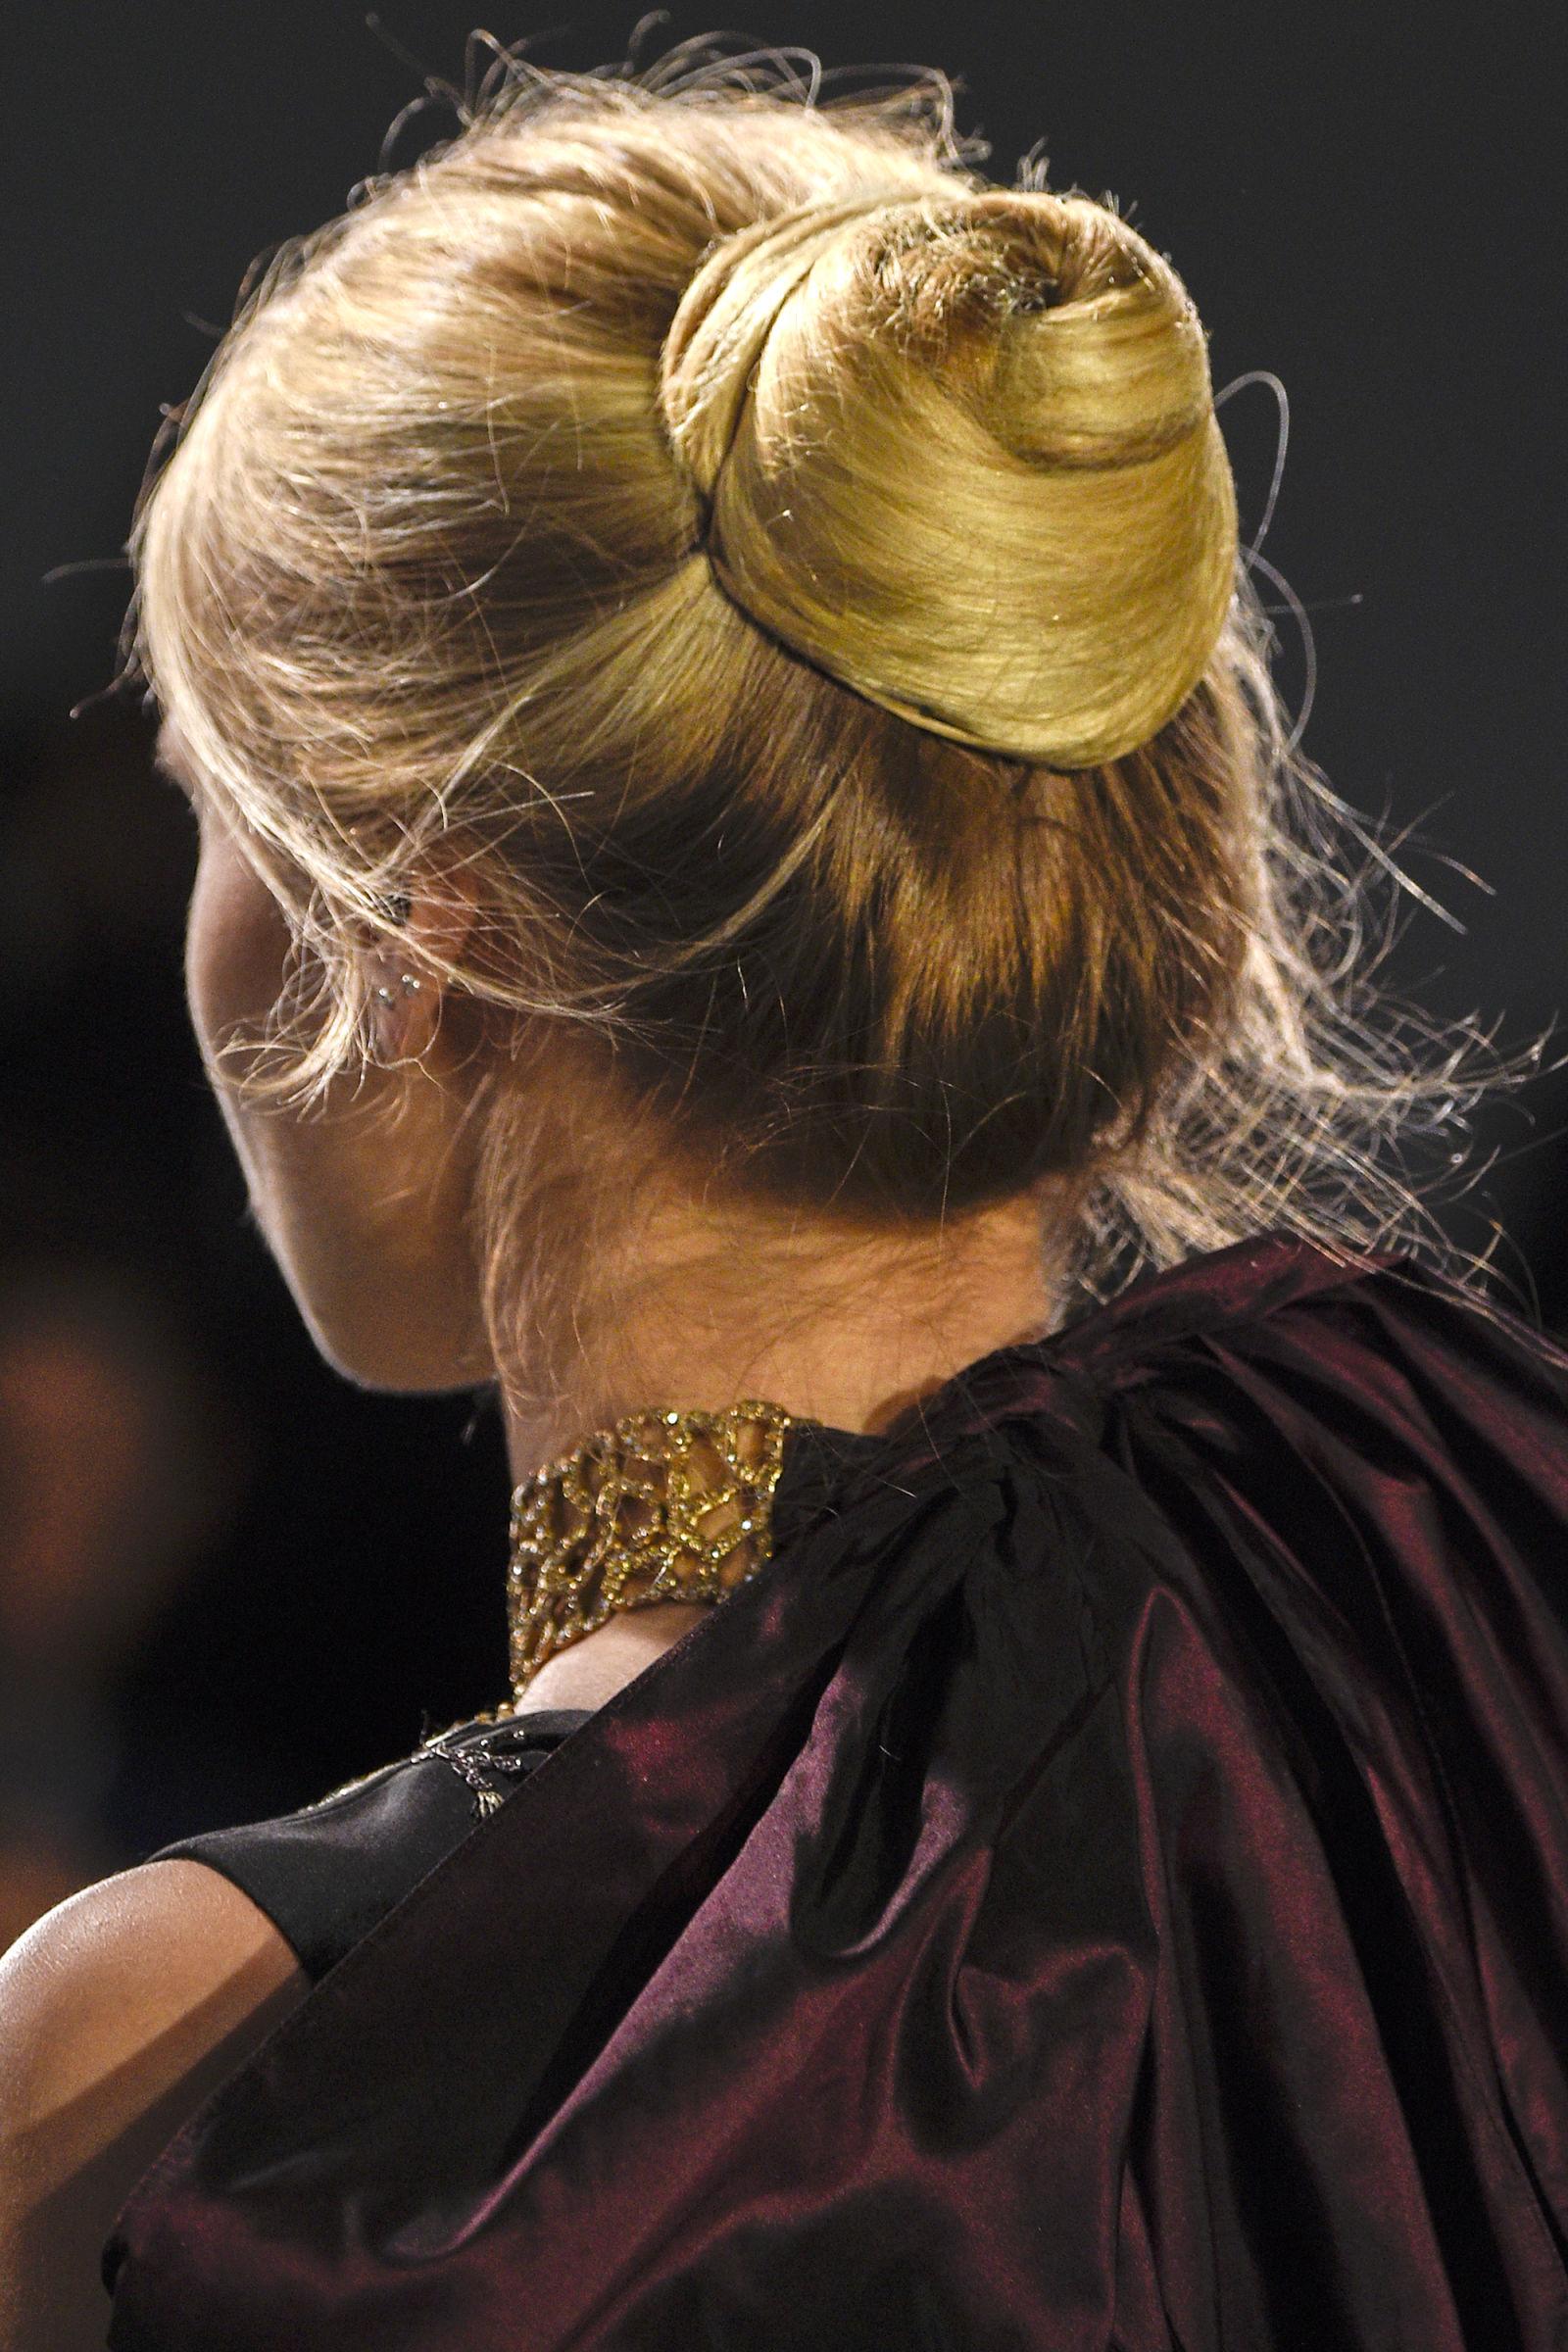 Oscar de la Renta hairstyles 2016 fall